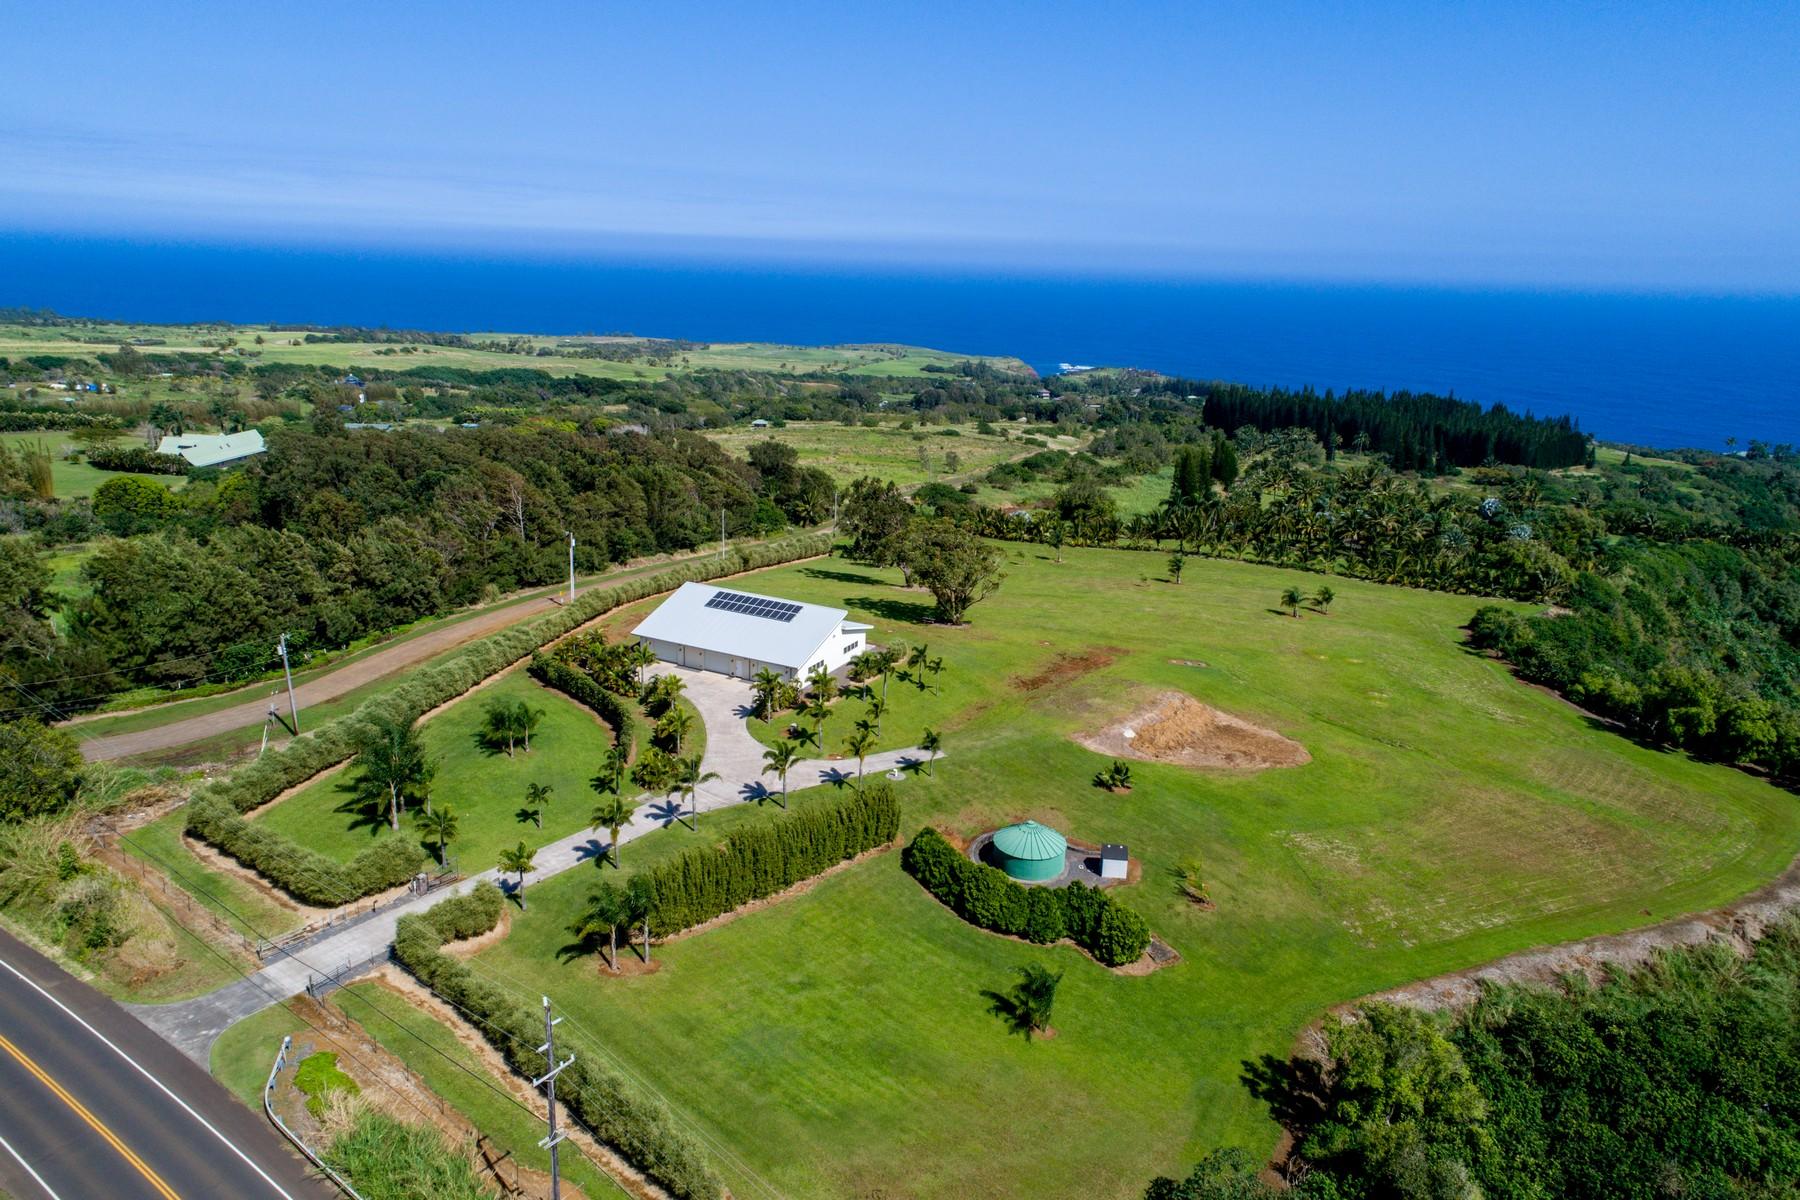 토지 용 매매 에 Stunning Ocean Views on 9+ Acres in Haiku With Endless Possibilities 4605 Hana Highway, Haiku, 하와이 96708 미국